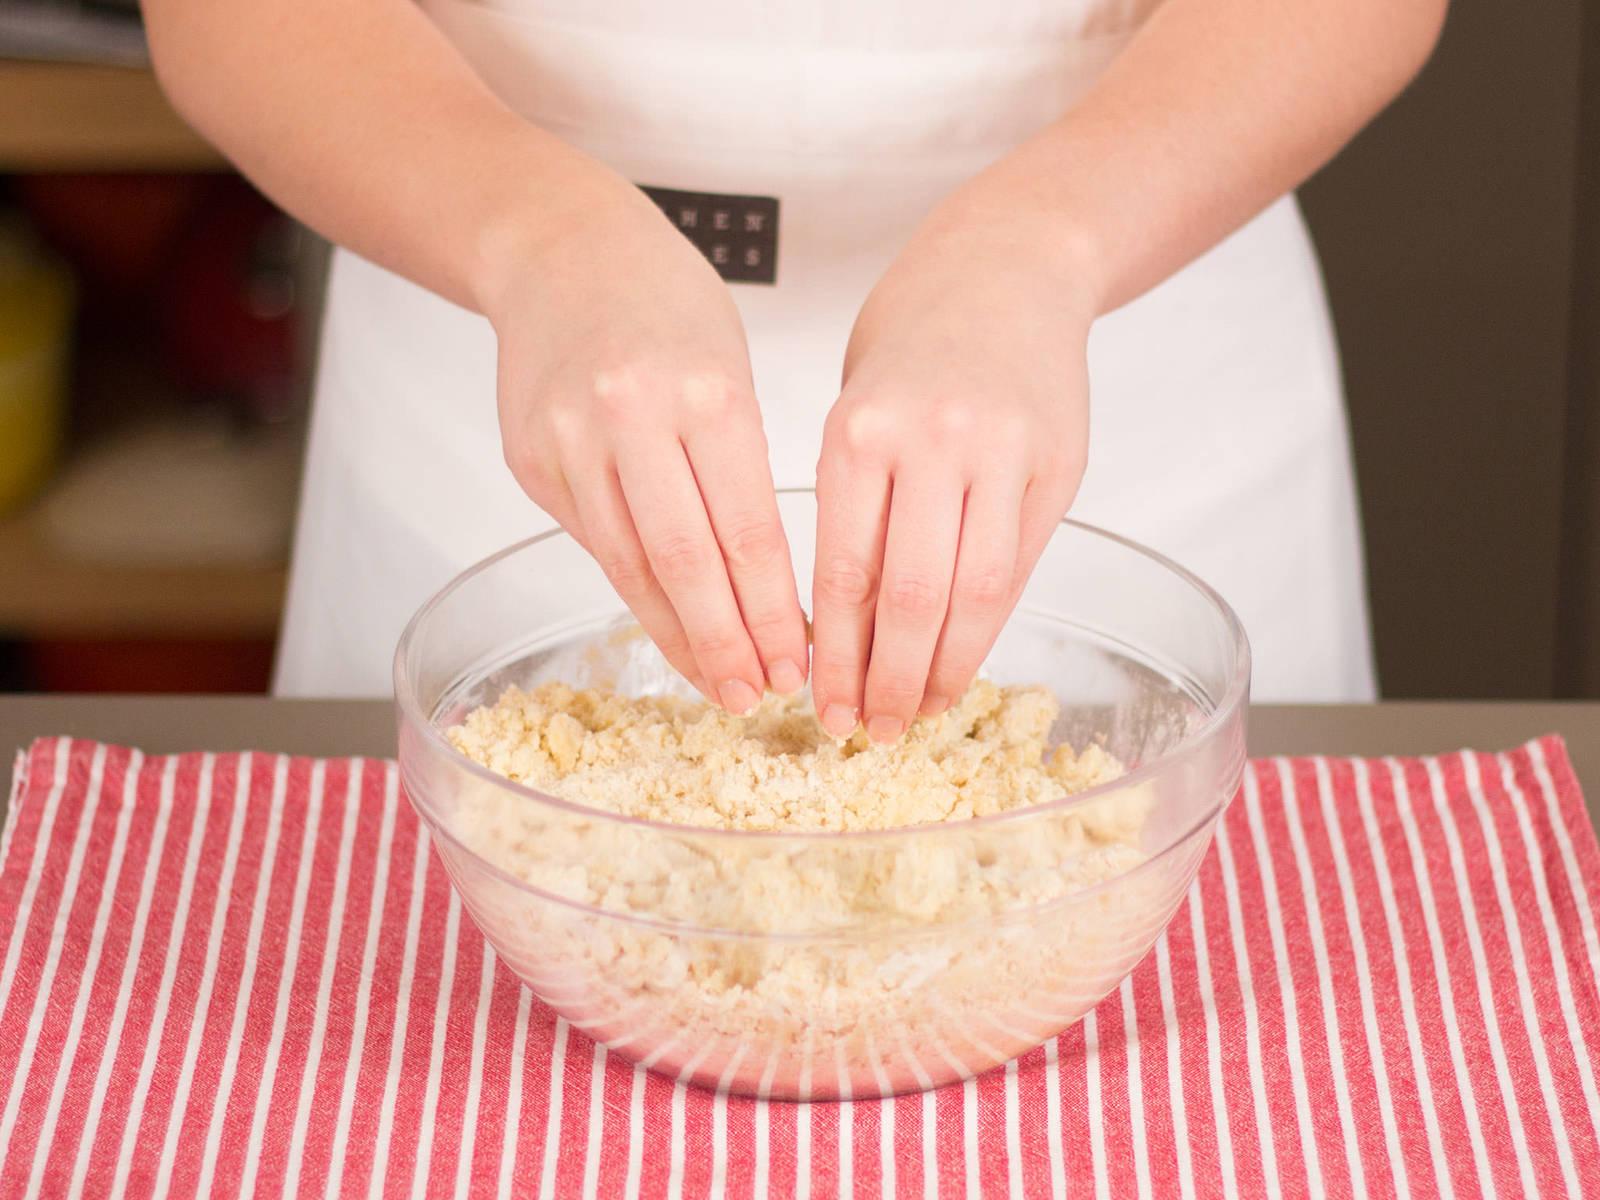 向大碗中加入香草糖、剩余黄油、剩余糖与面粉,用手捏成酥粒状。